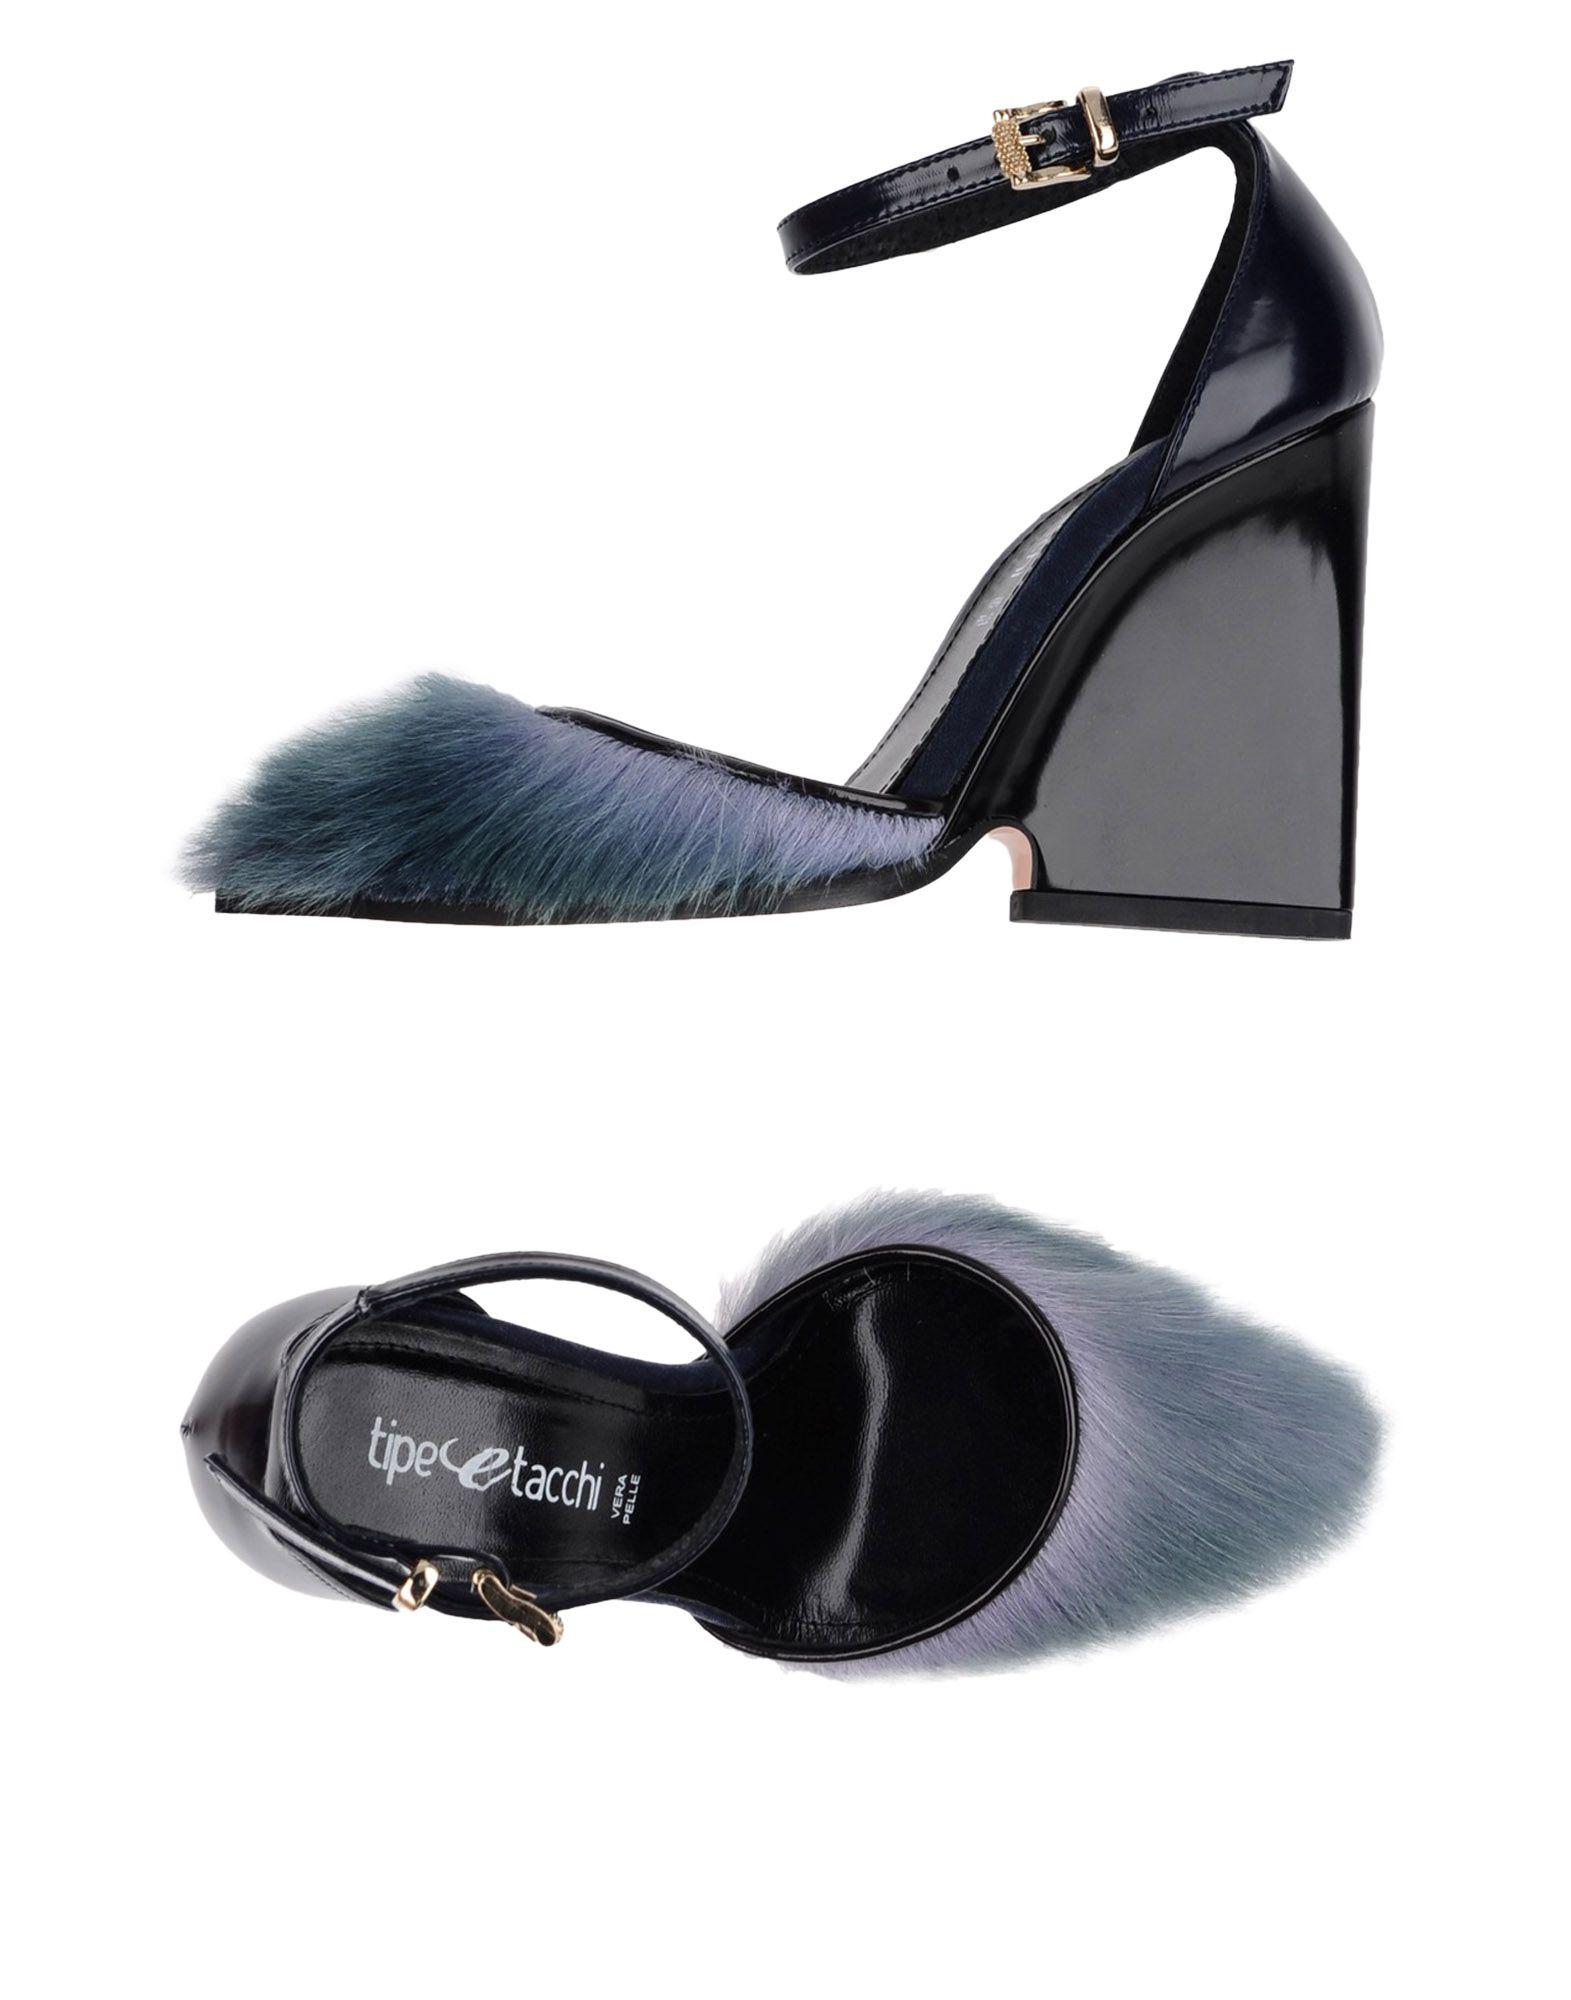 Tipe E Tacchi Pumps Damen  Schuhe 11271076BP Gute Qualität beliebte Schuhe  d09885